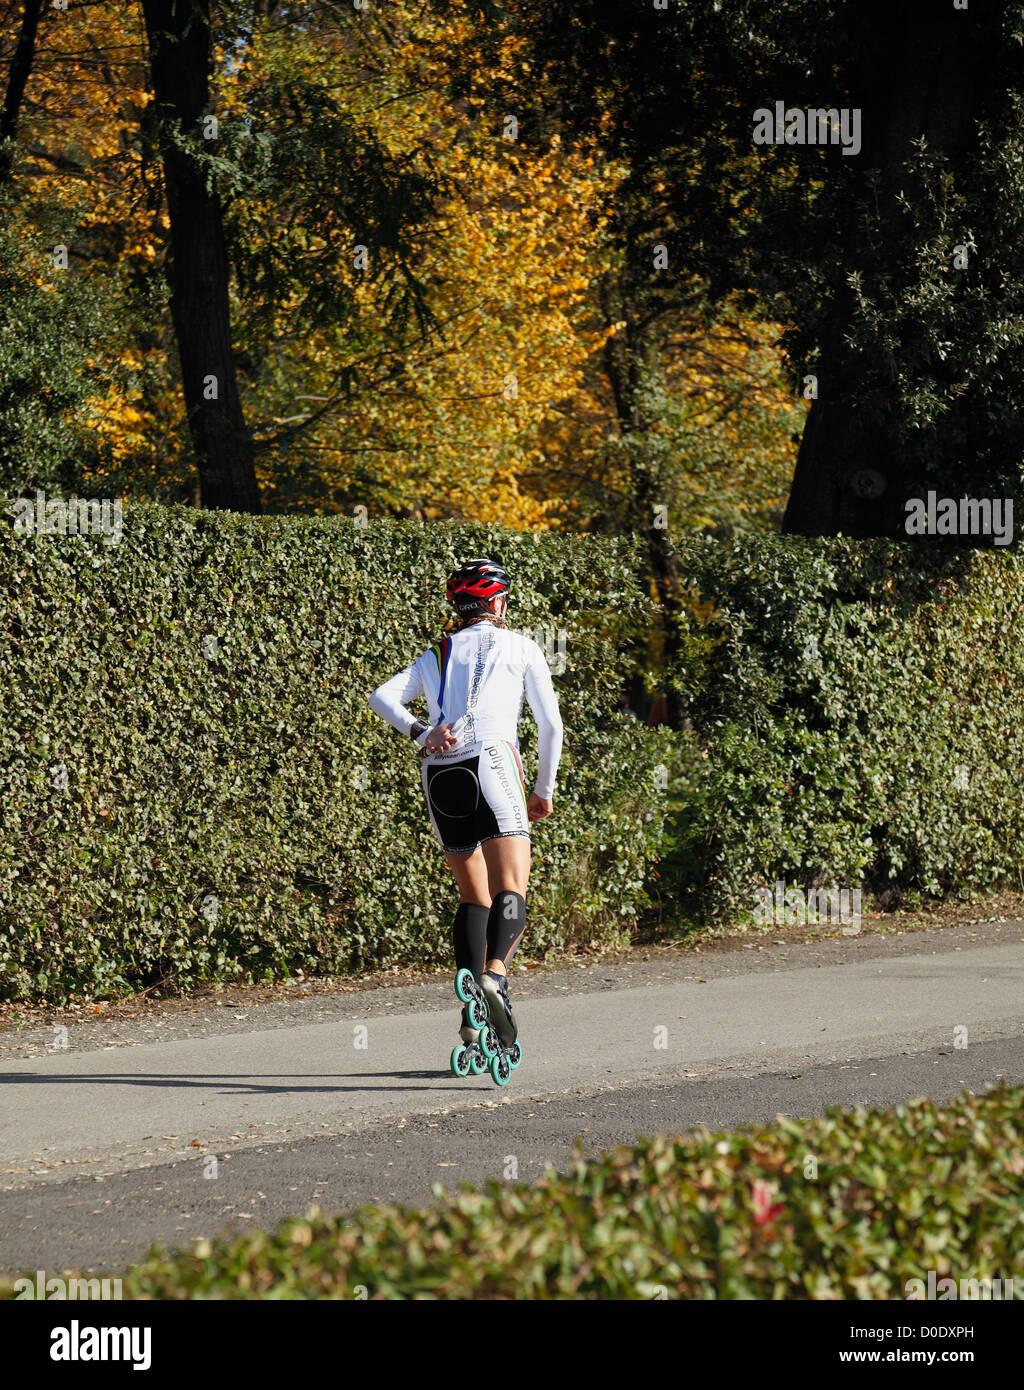 Sportler auf Inline-Skates - Stock Image